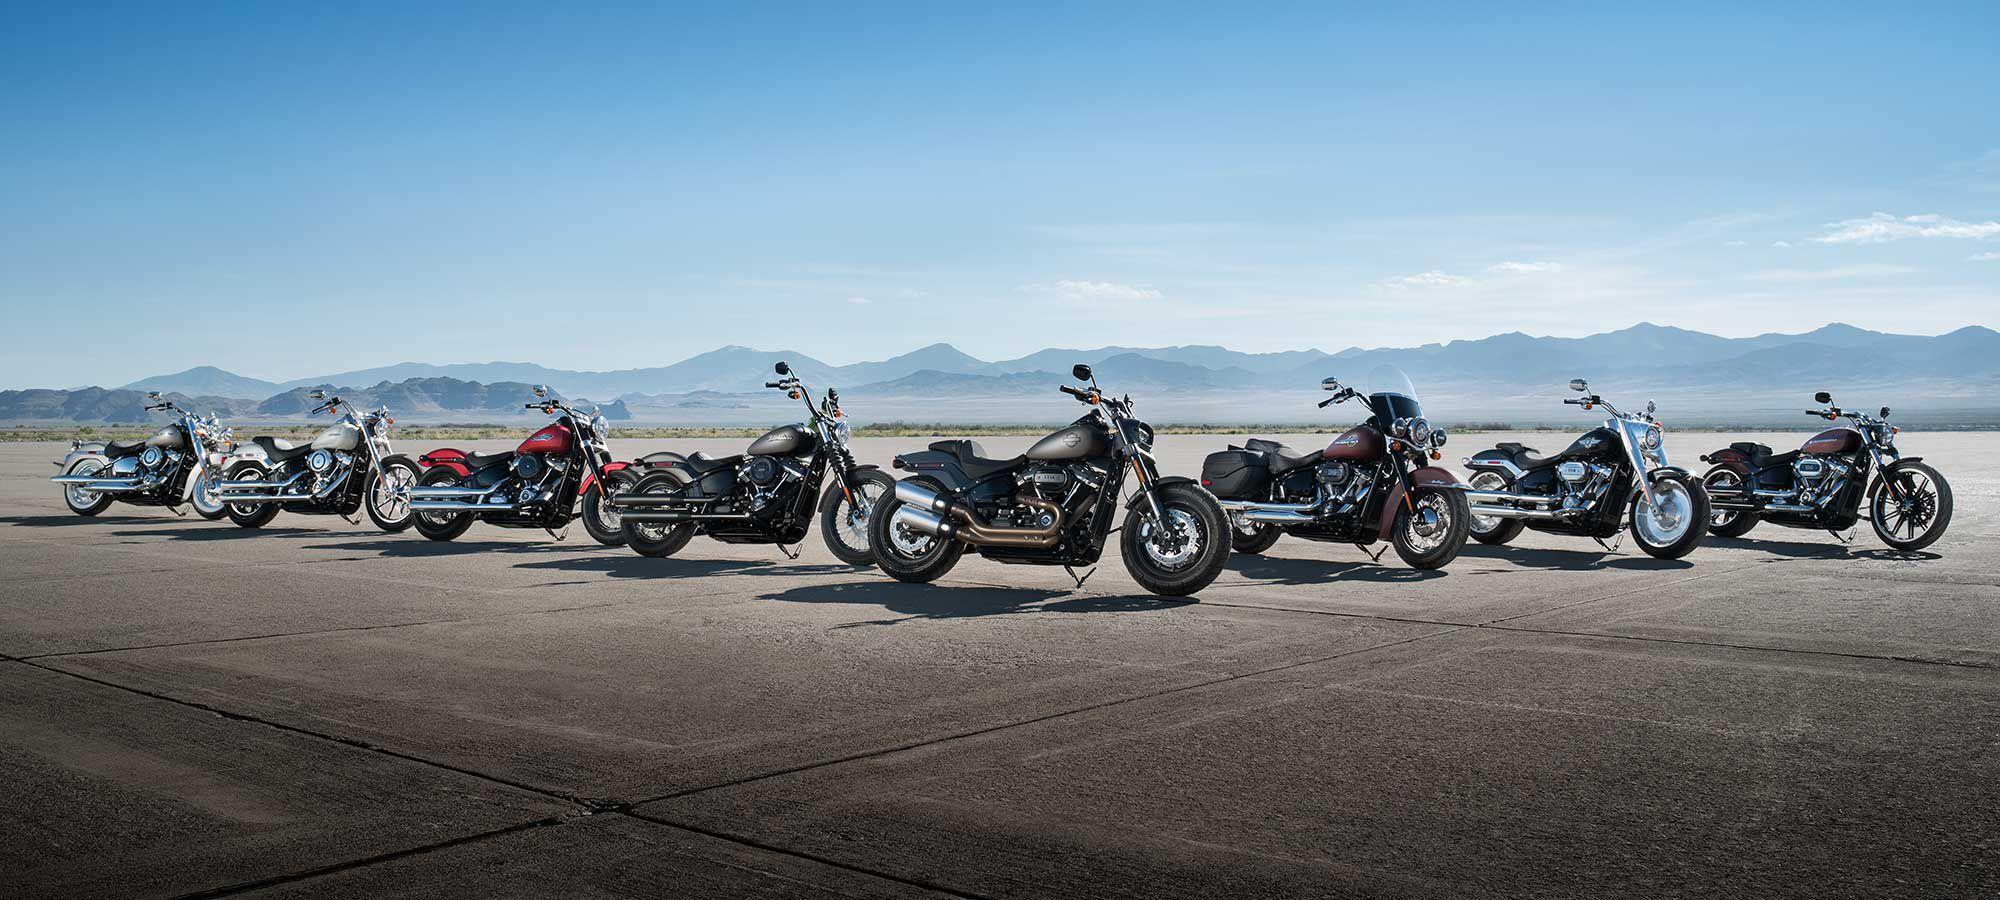 Harley-Davidson Softail Models | Motorcycle Cruiser